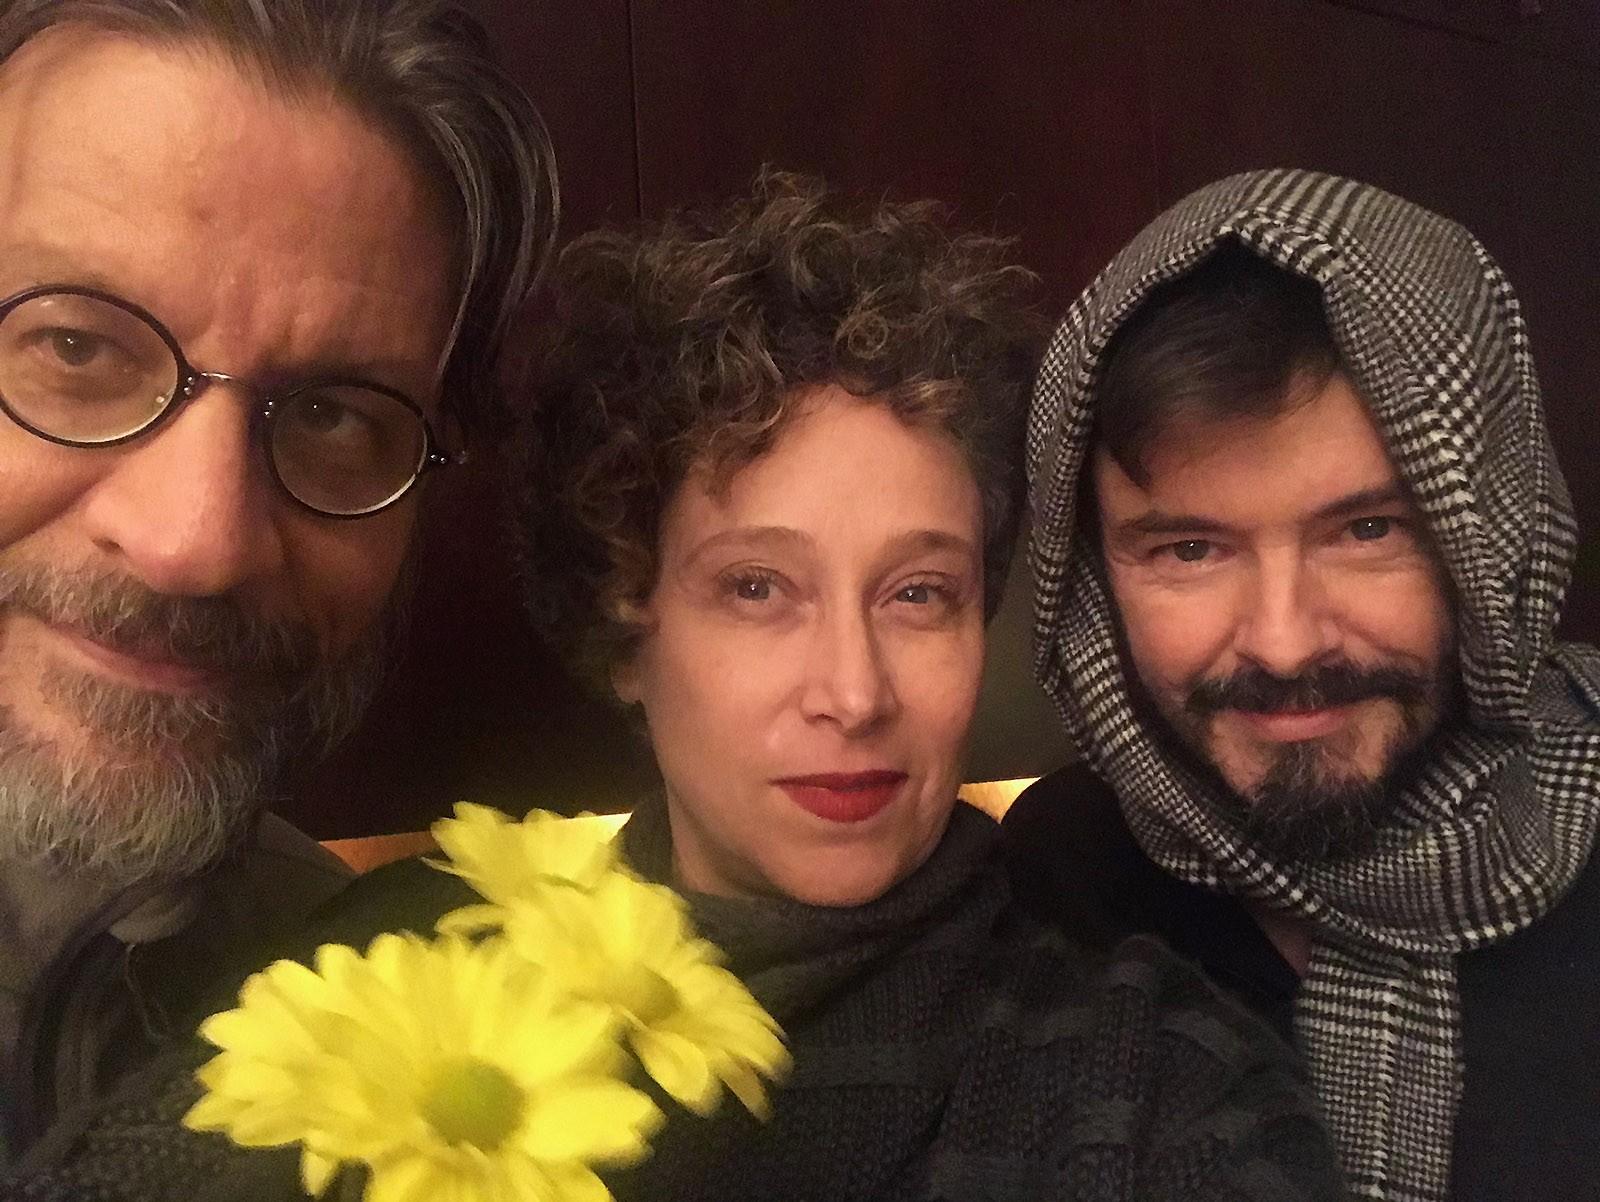 Katia B arquiteta para 2020 álbum com músicas do compositor Antonio Saraiva - Notícias - Plantão Diário